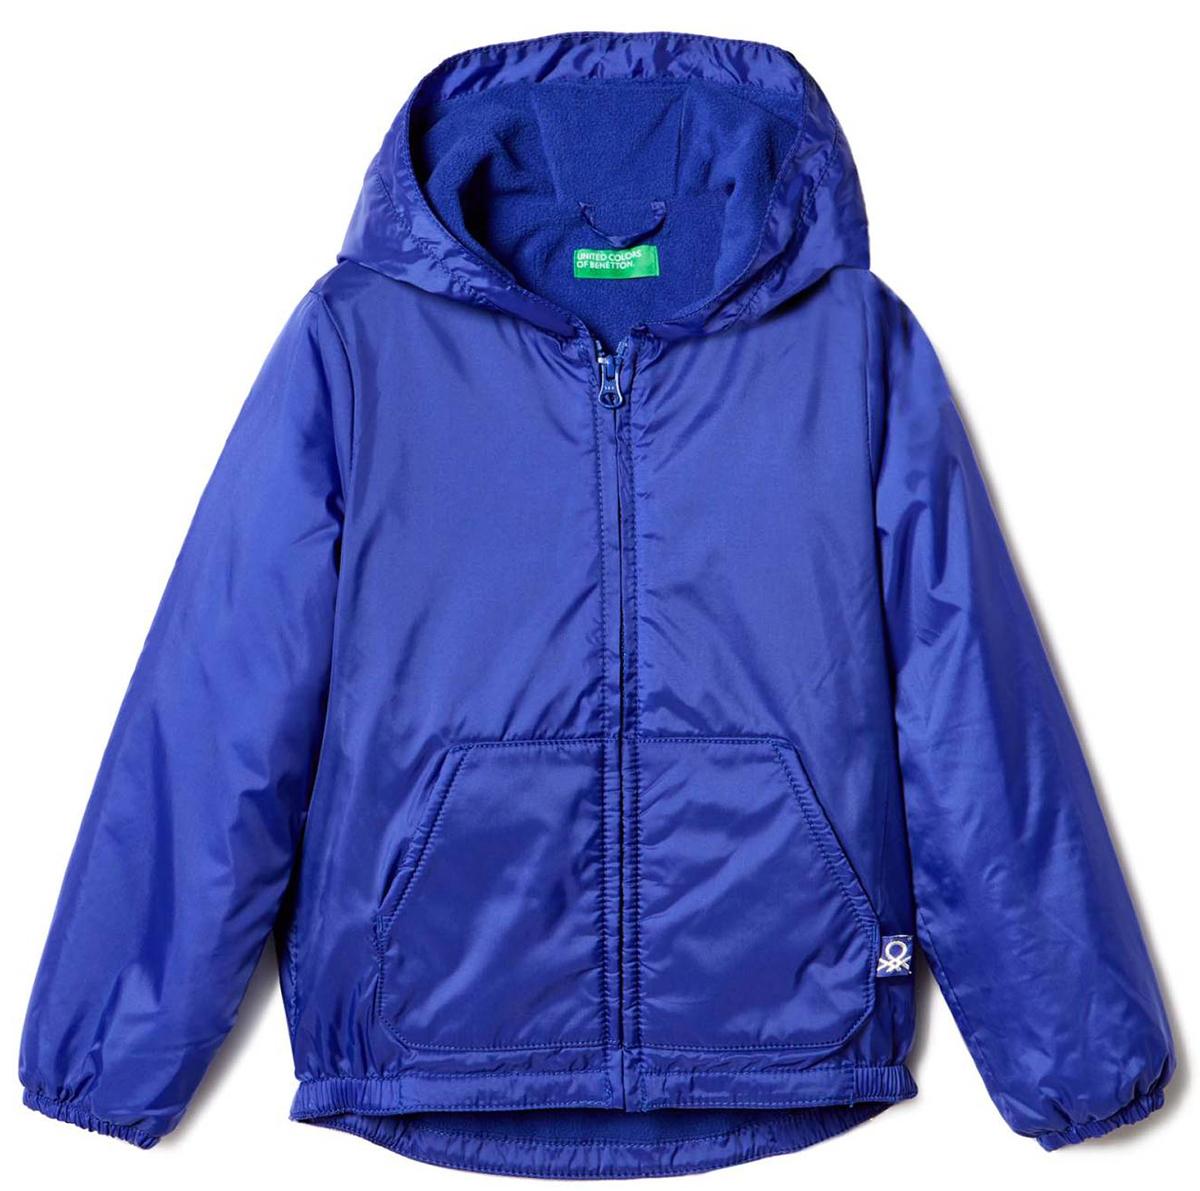 Куртка для девочки United Colors of Benetton, цвет: синий. 2BL553AS0_13C. Размер 1502BL553AS0_13CКуртка для девочки United Colors of Benetton выполнена из полиамида. Модель с капюшоном застегивается на застежку-молнию.